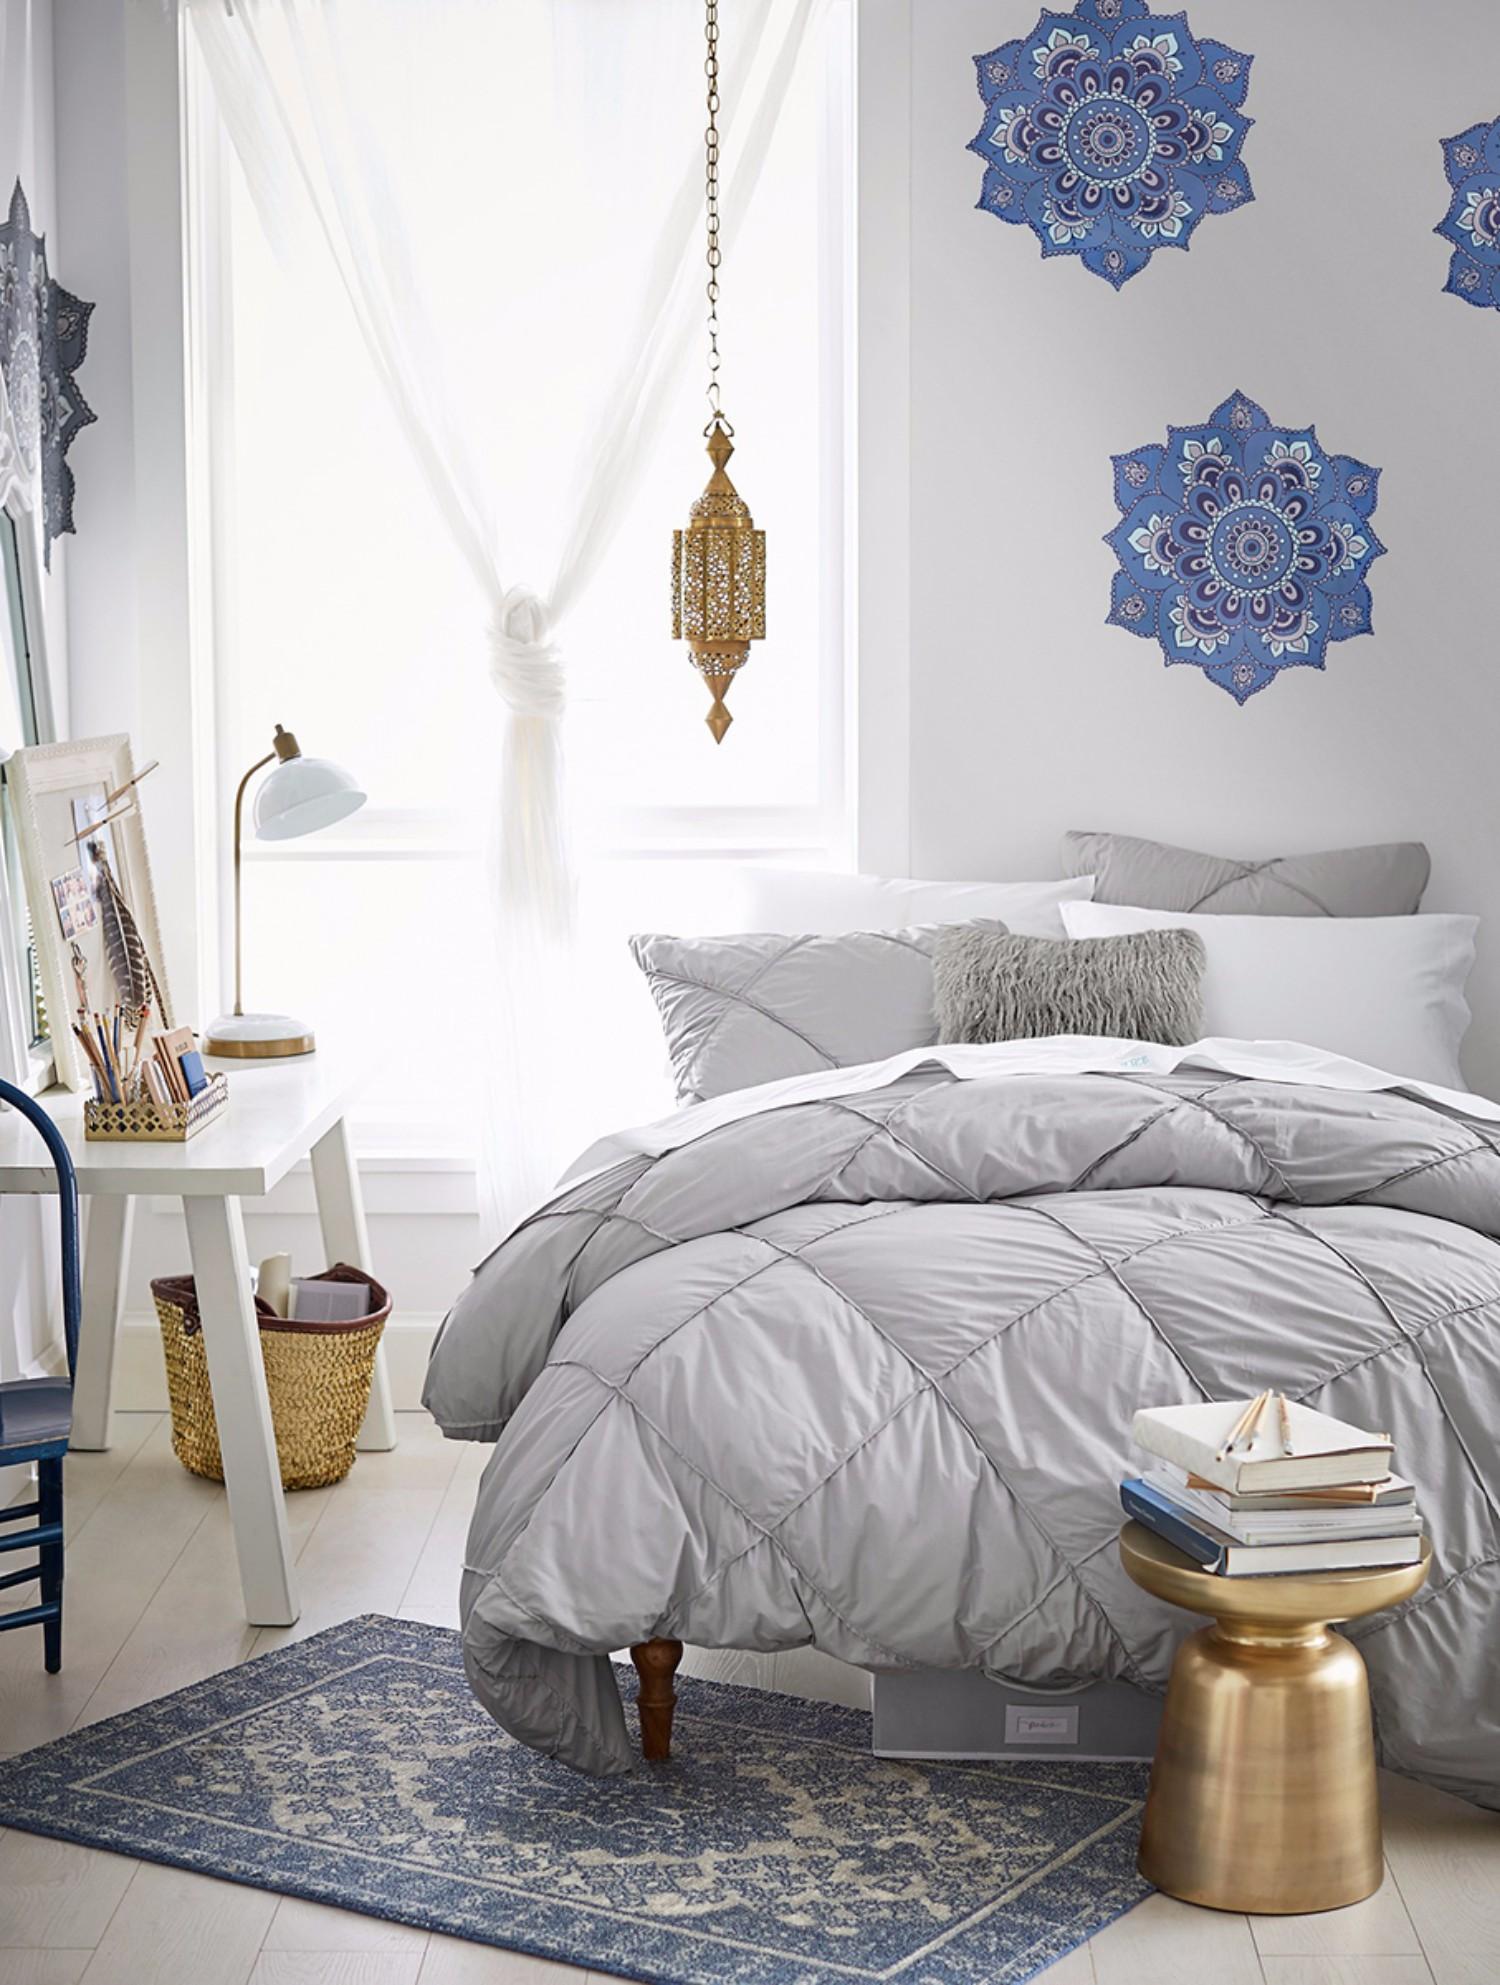 D16sp04_bedroom_v1_ss_022x.jpg